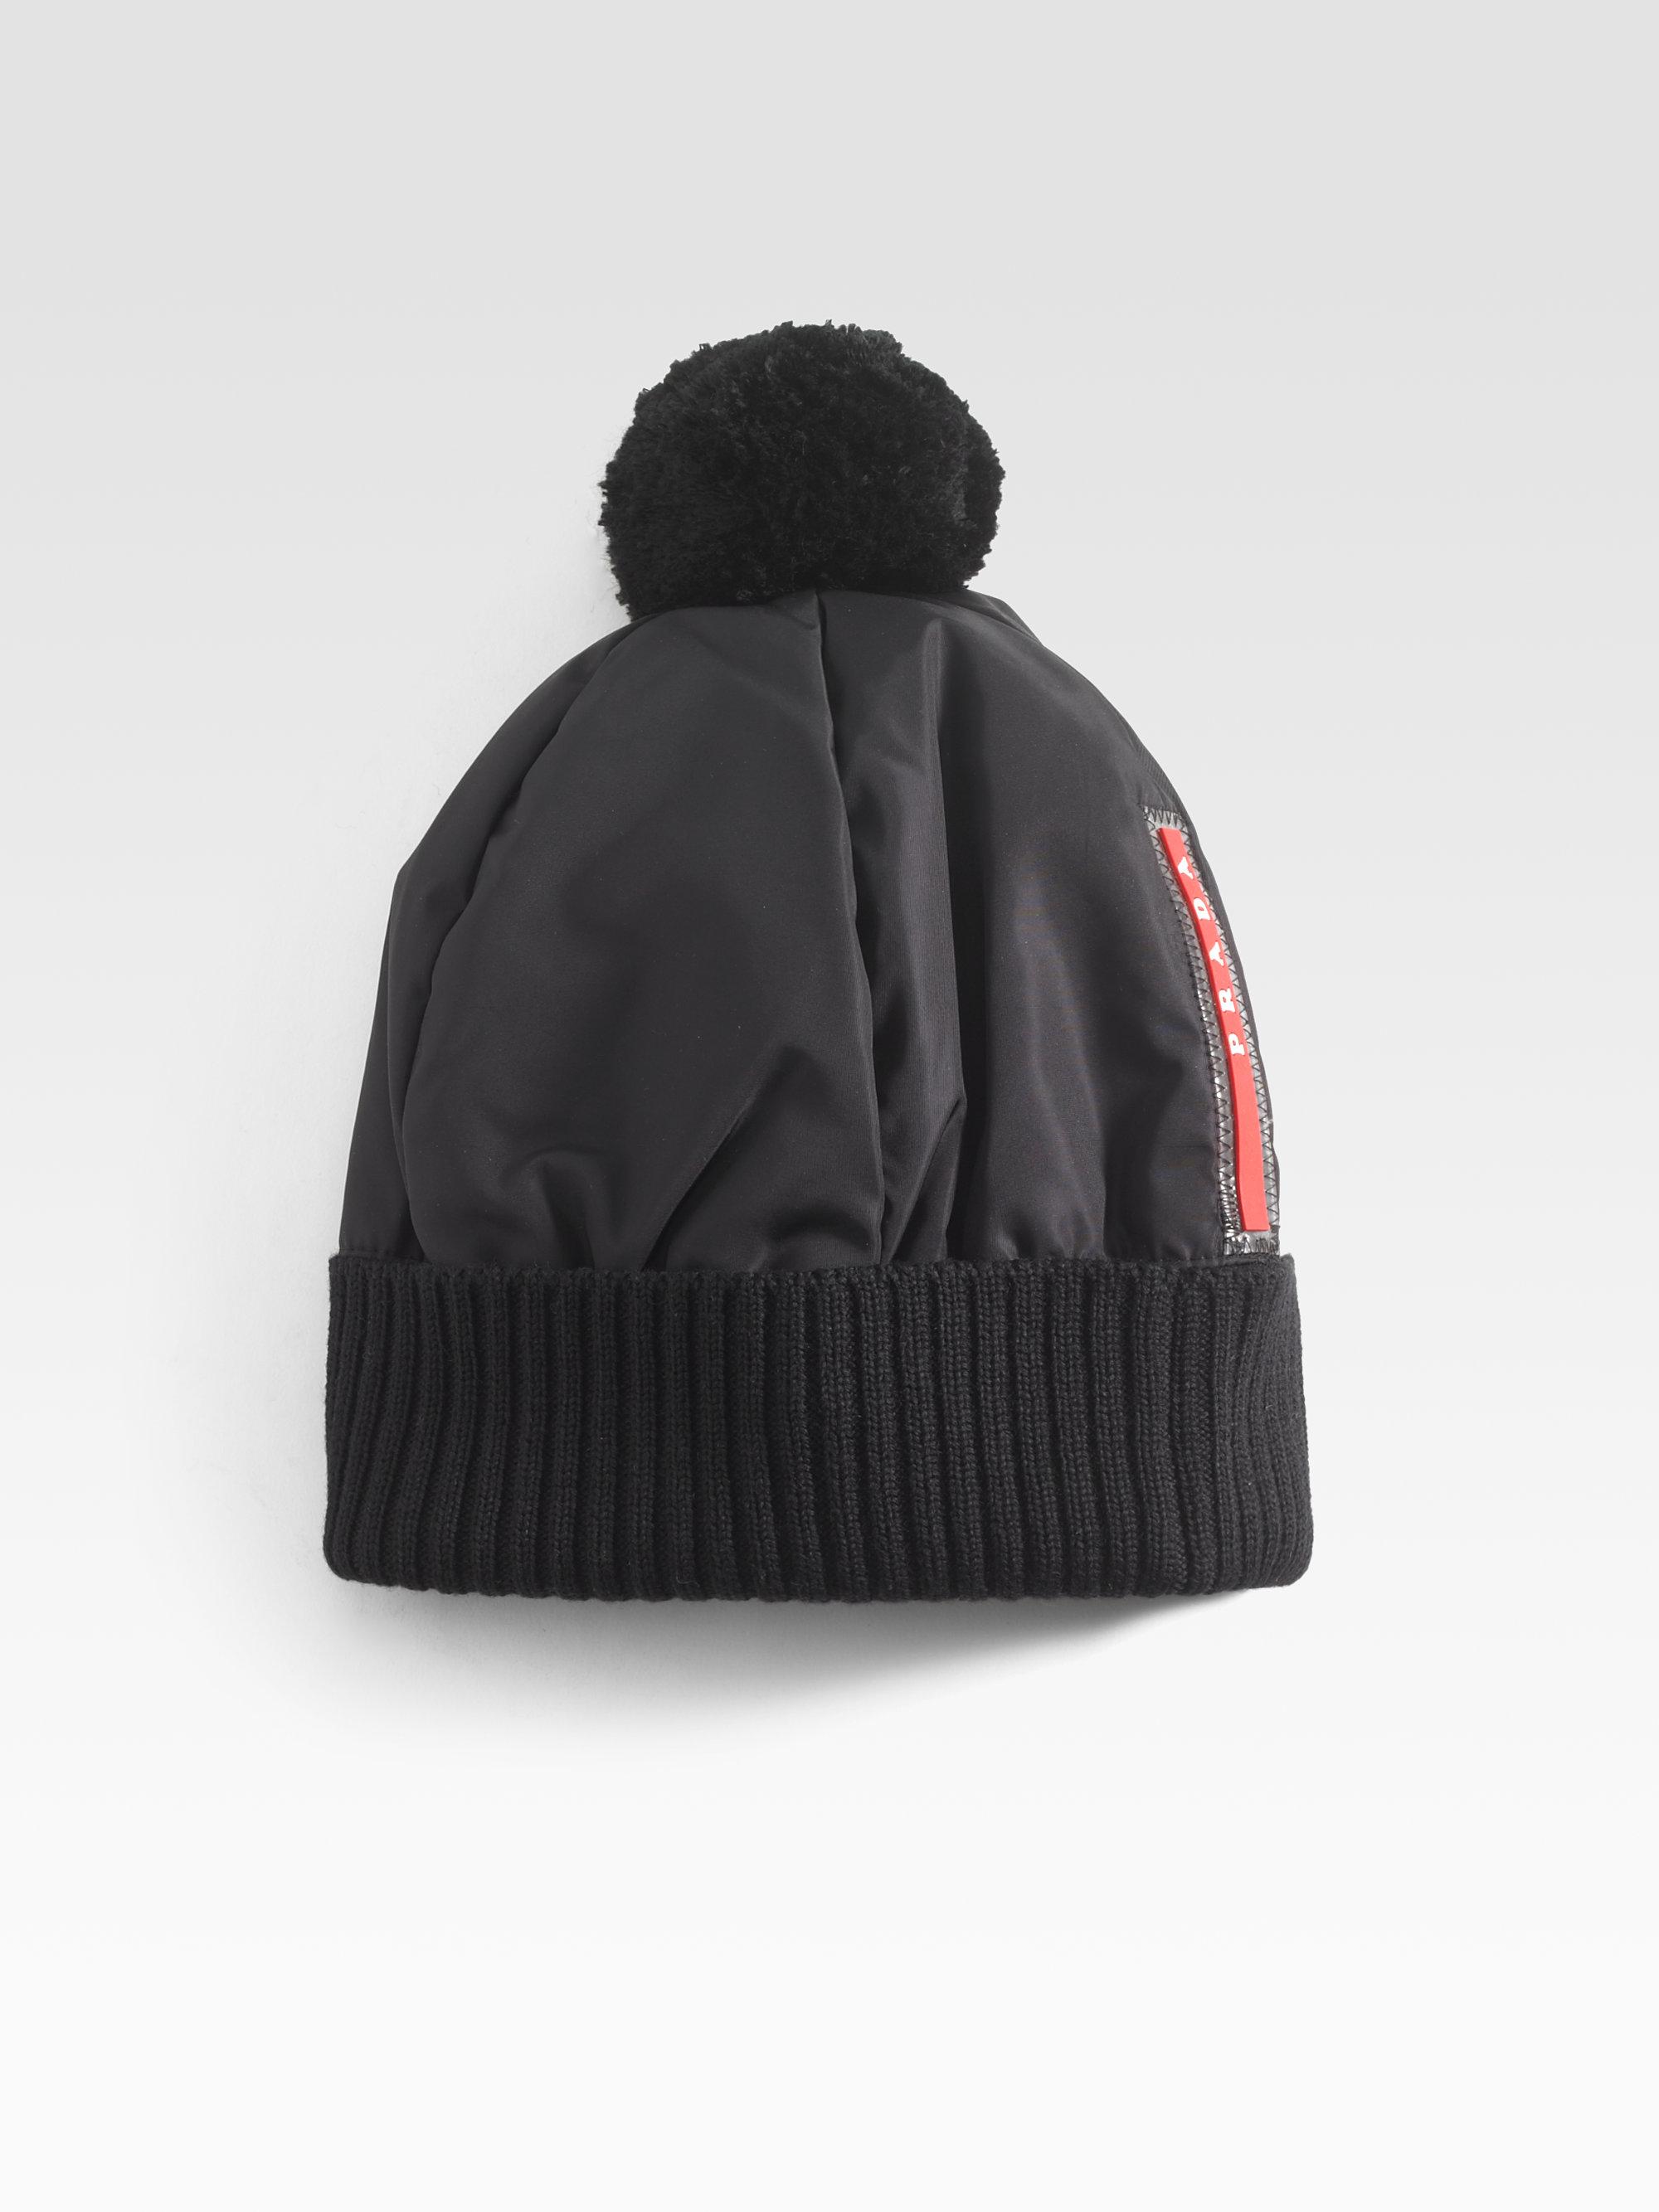 Lyst - Prada Puffer Hat in Blue for Men 1e9cc53533d